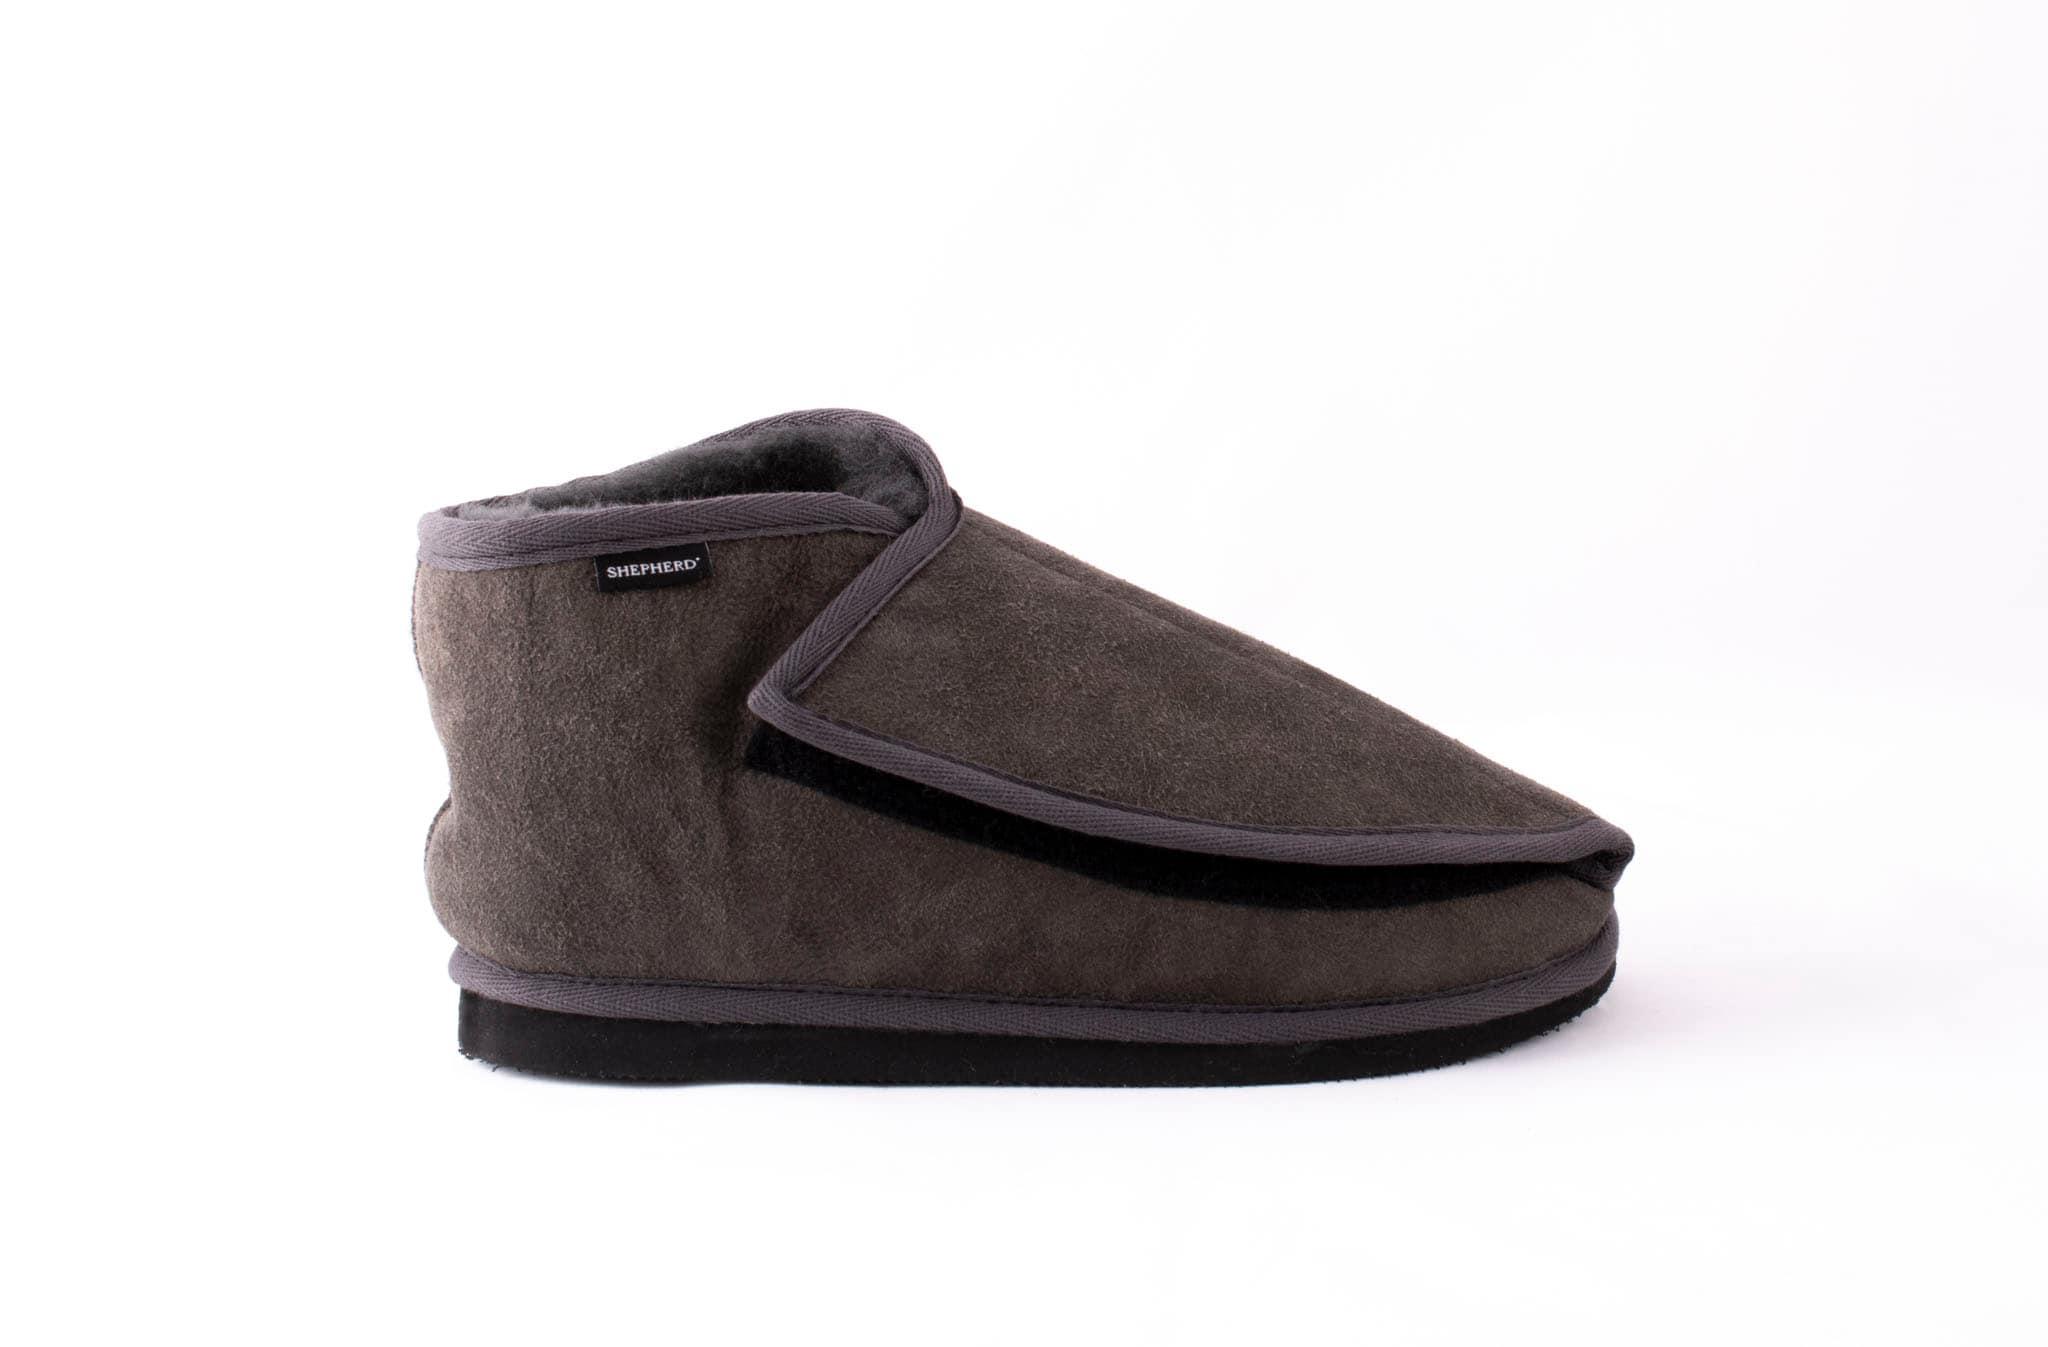 Denise sheepskin slippers